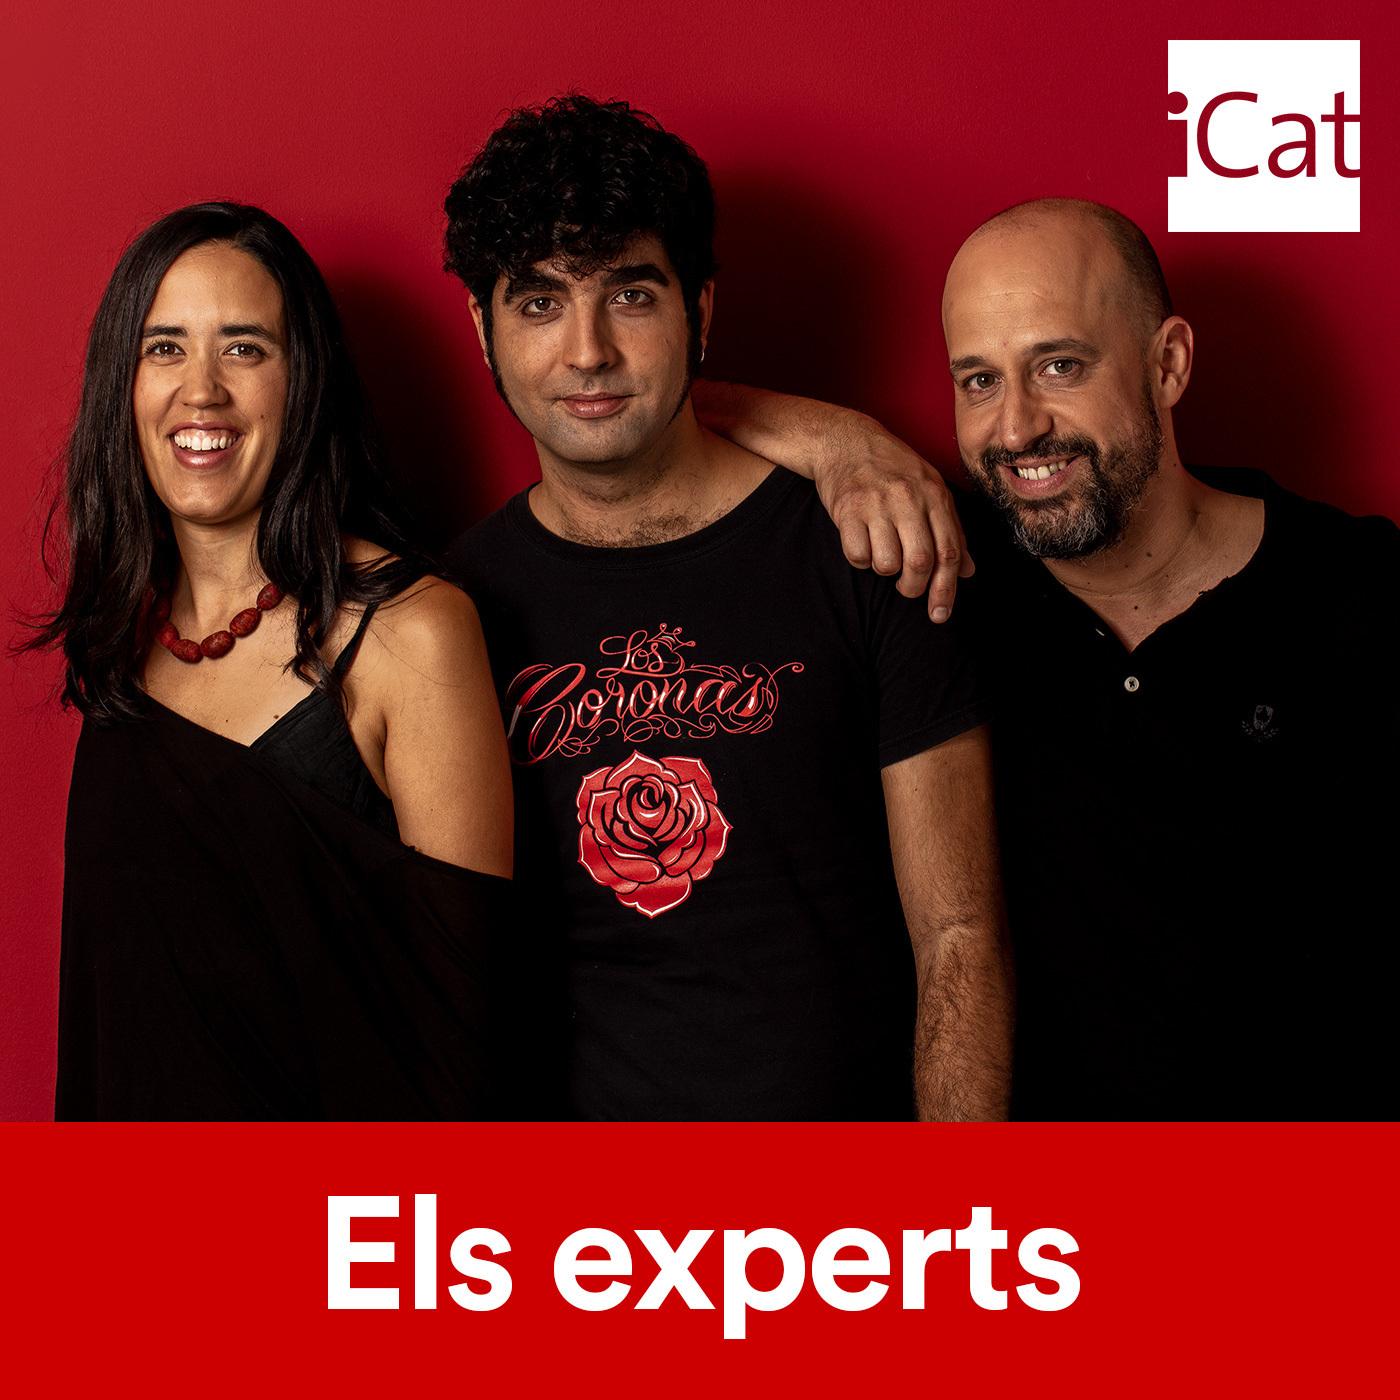 Els experts